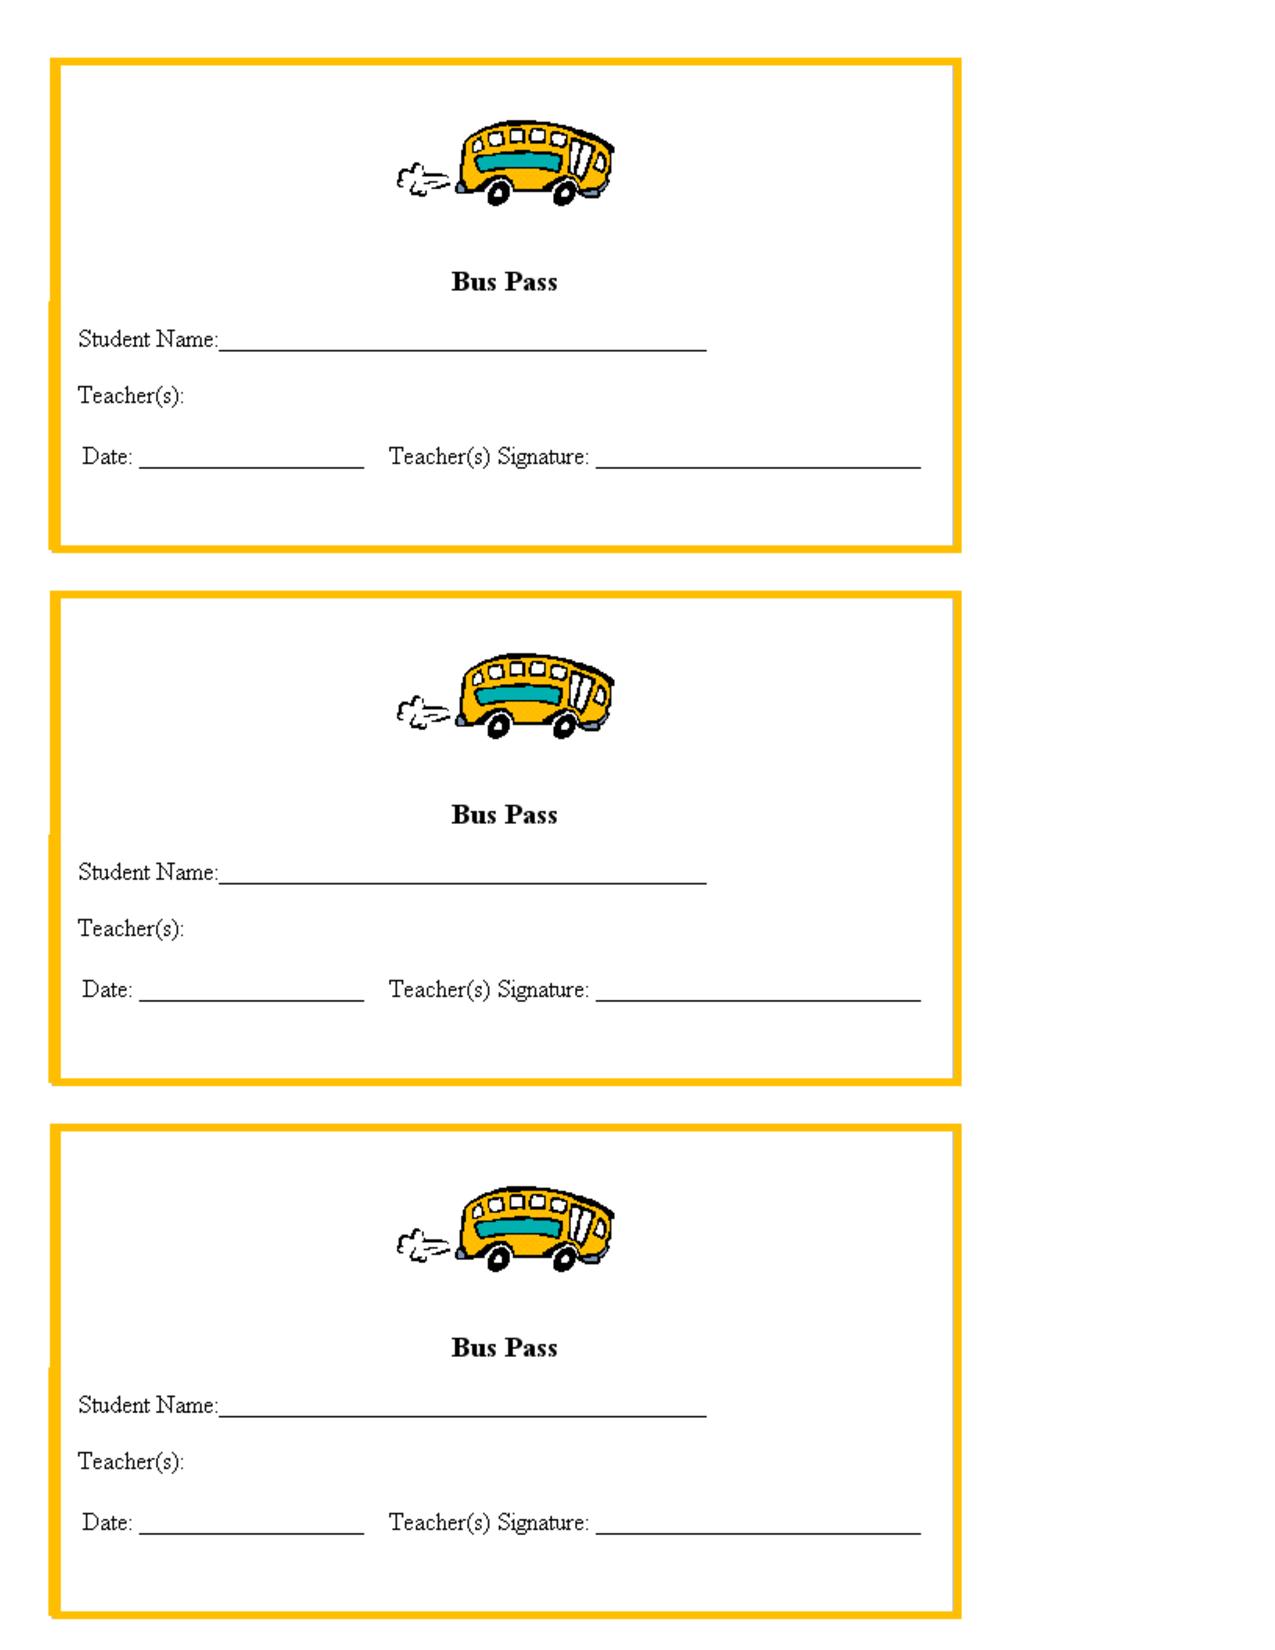 Hall Pass Template For Teachers | Teacher Printables School Bus - Free Printable Hall Pass Template